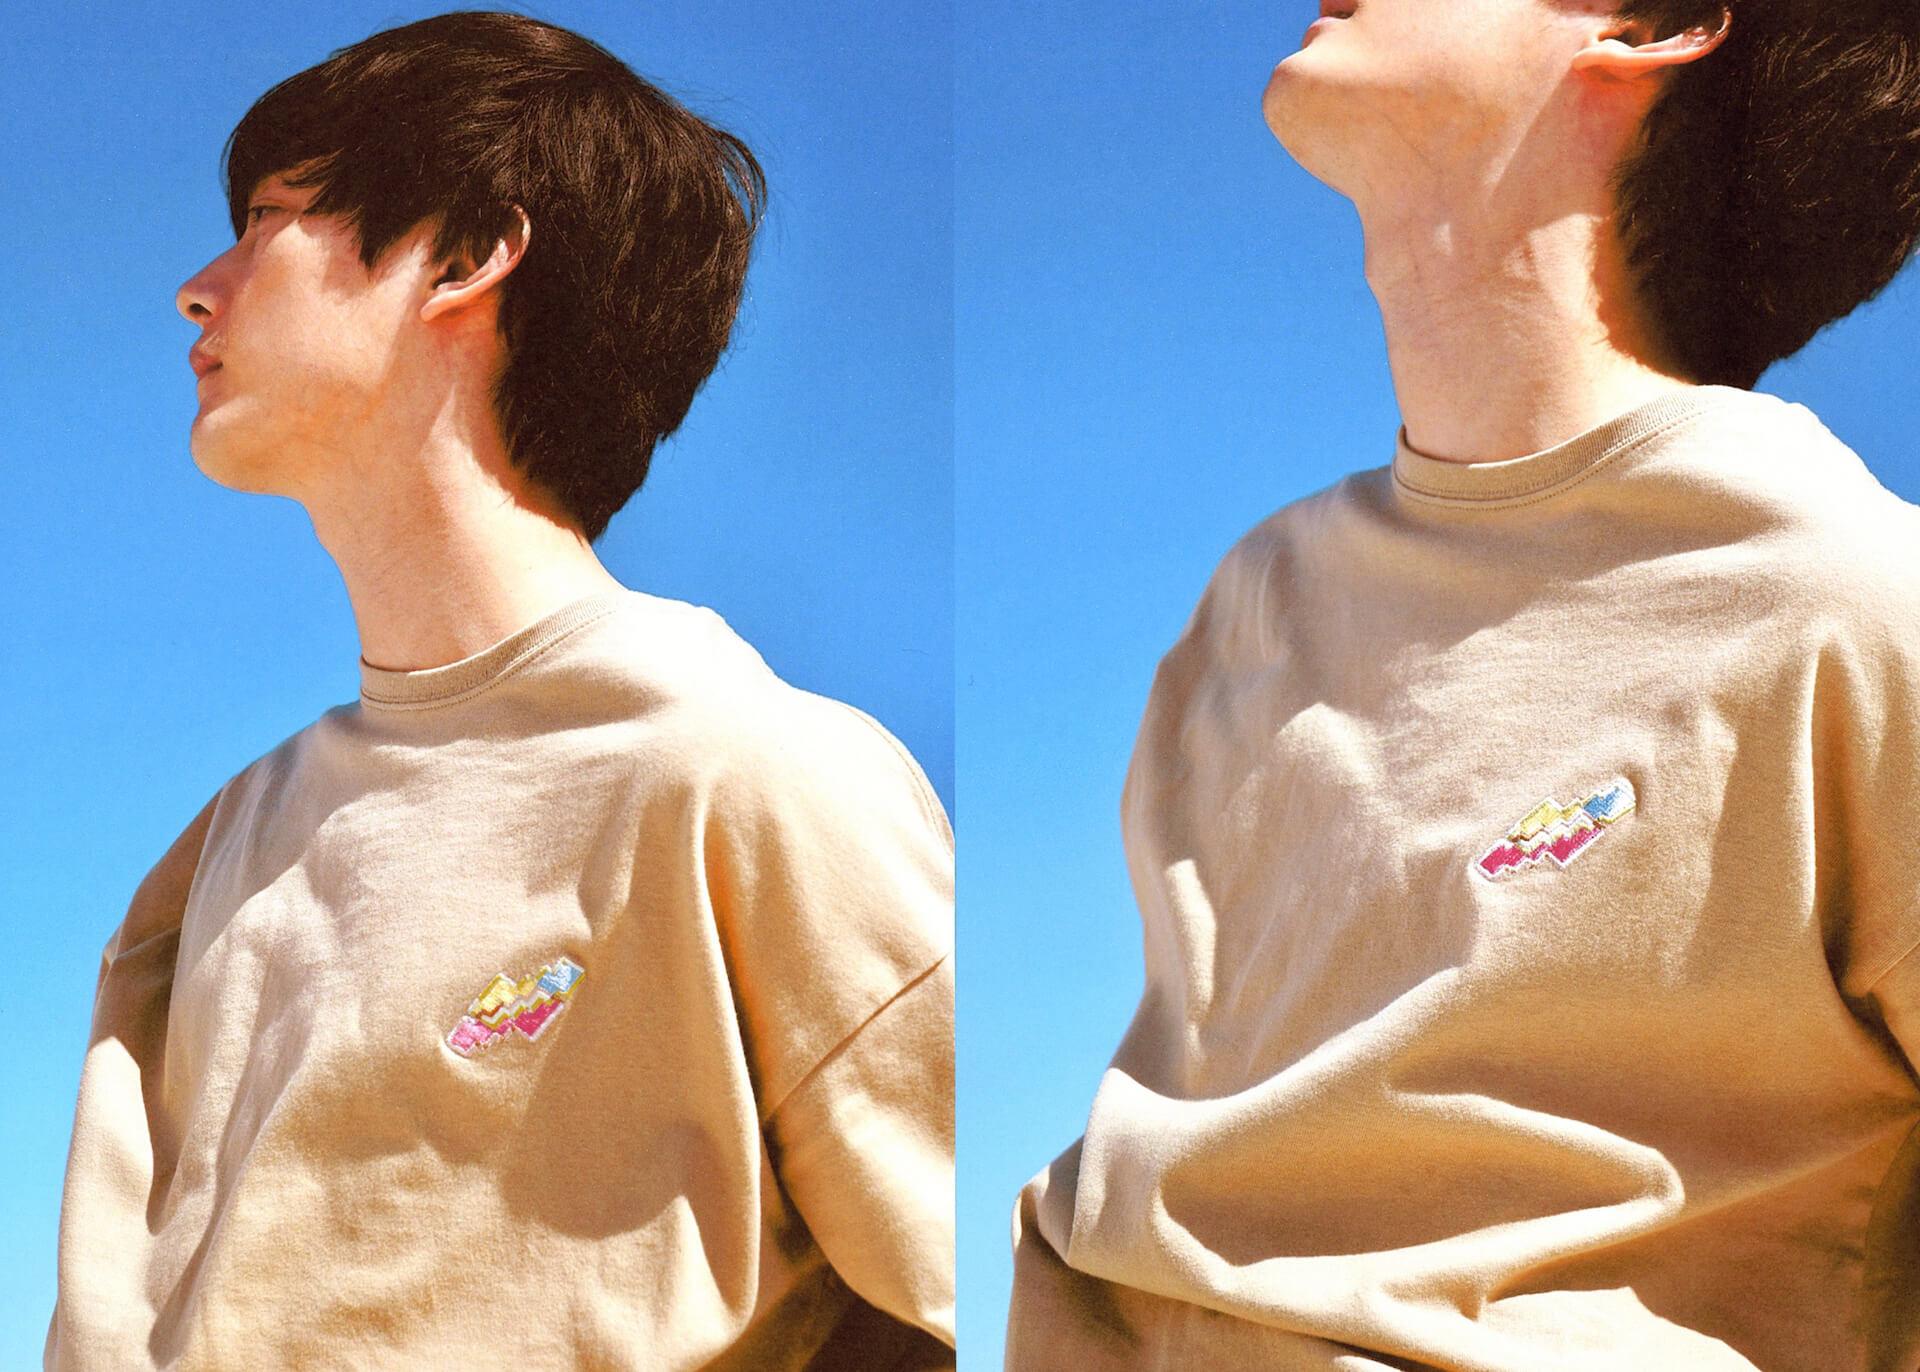 向井太一『COLORLESS』リリース記念!デザイナー・KEISUKE SHODAとのコラボグッズが発売開始! music210513_mukai-taichi-210513_13